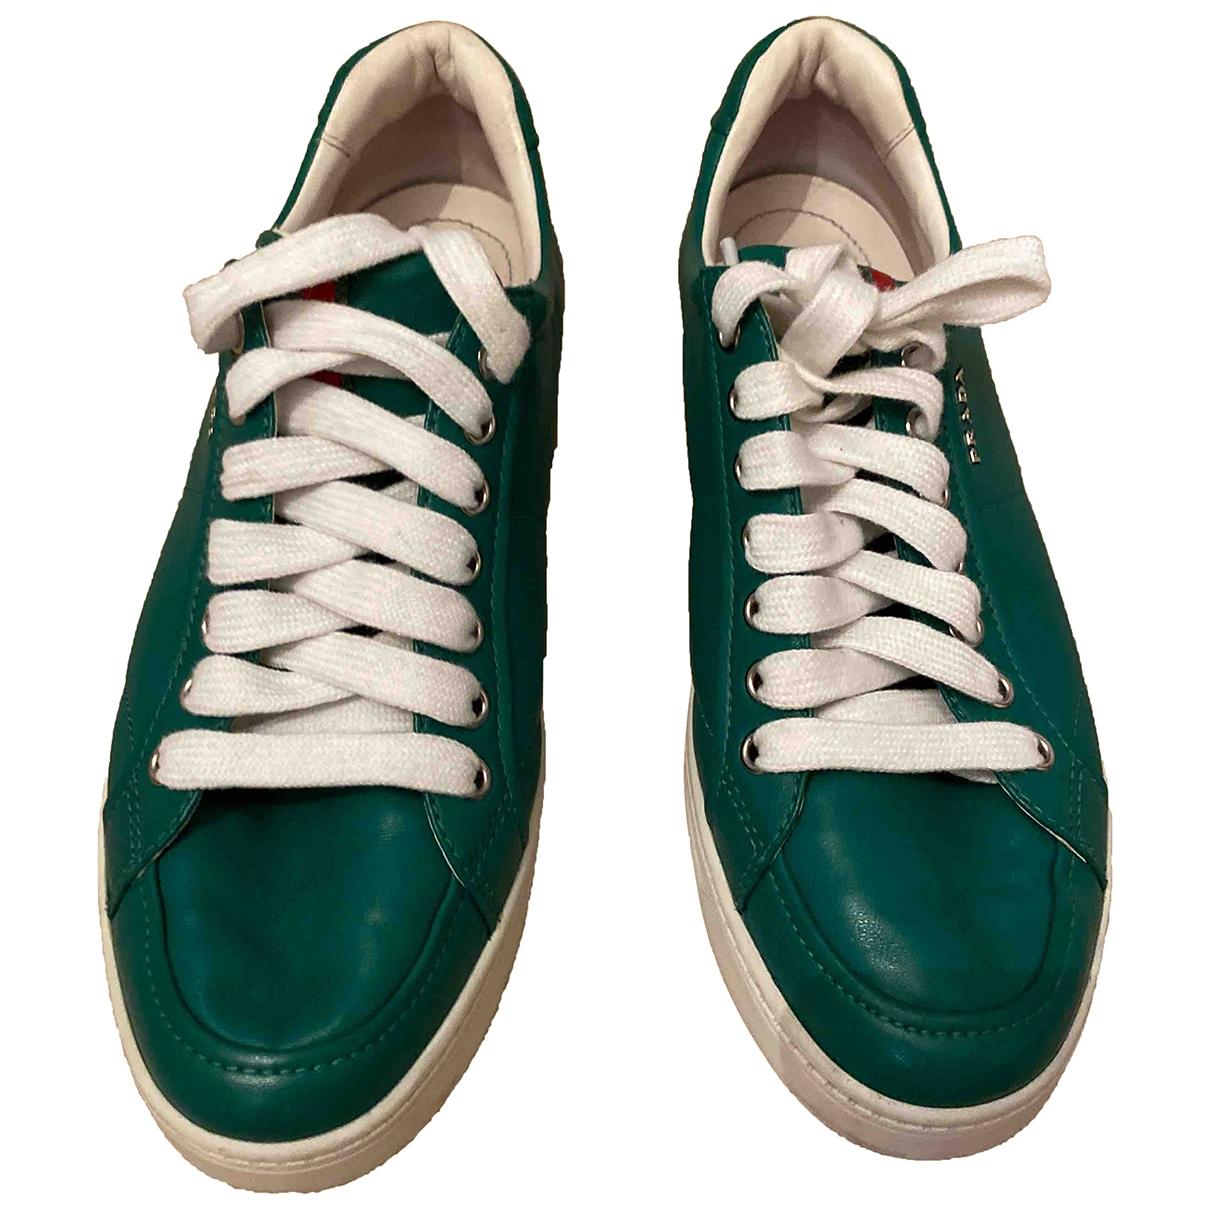 Prada \N Sneakers in  Gruen Leder